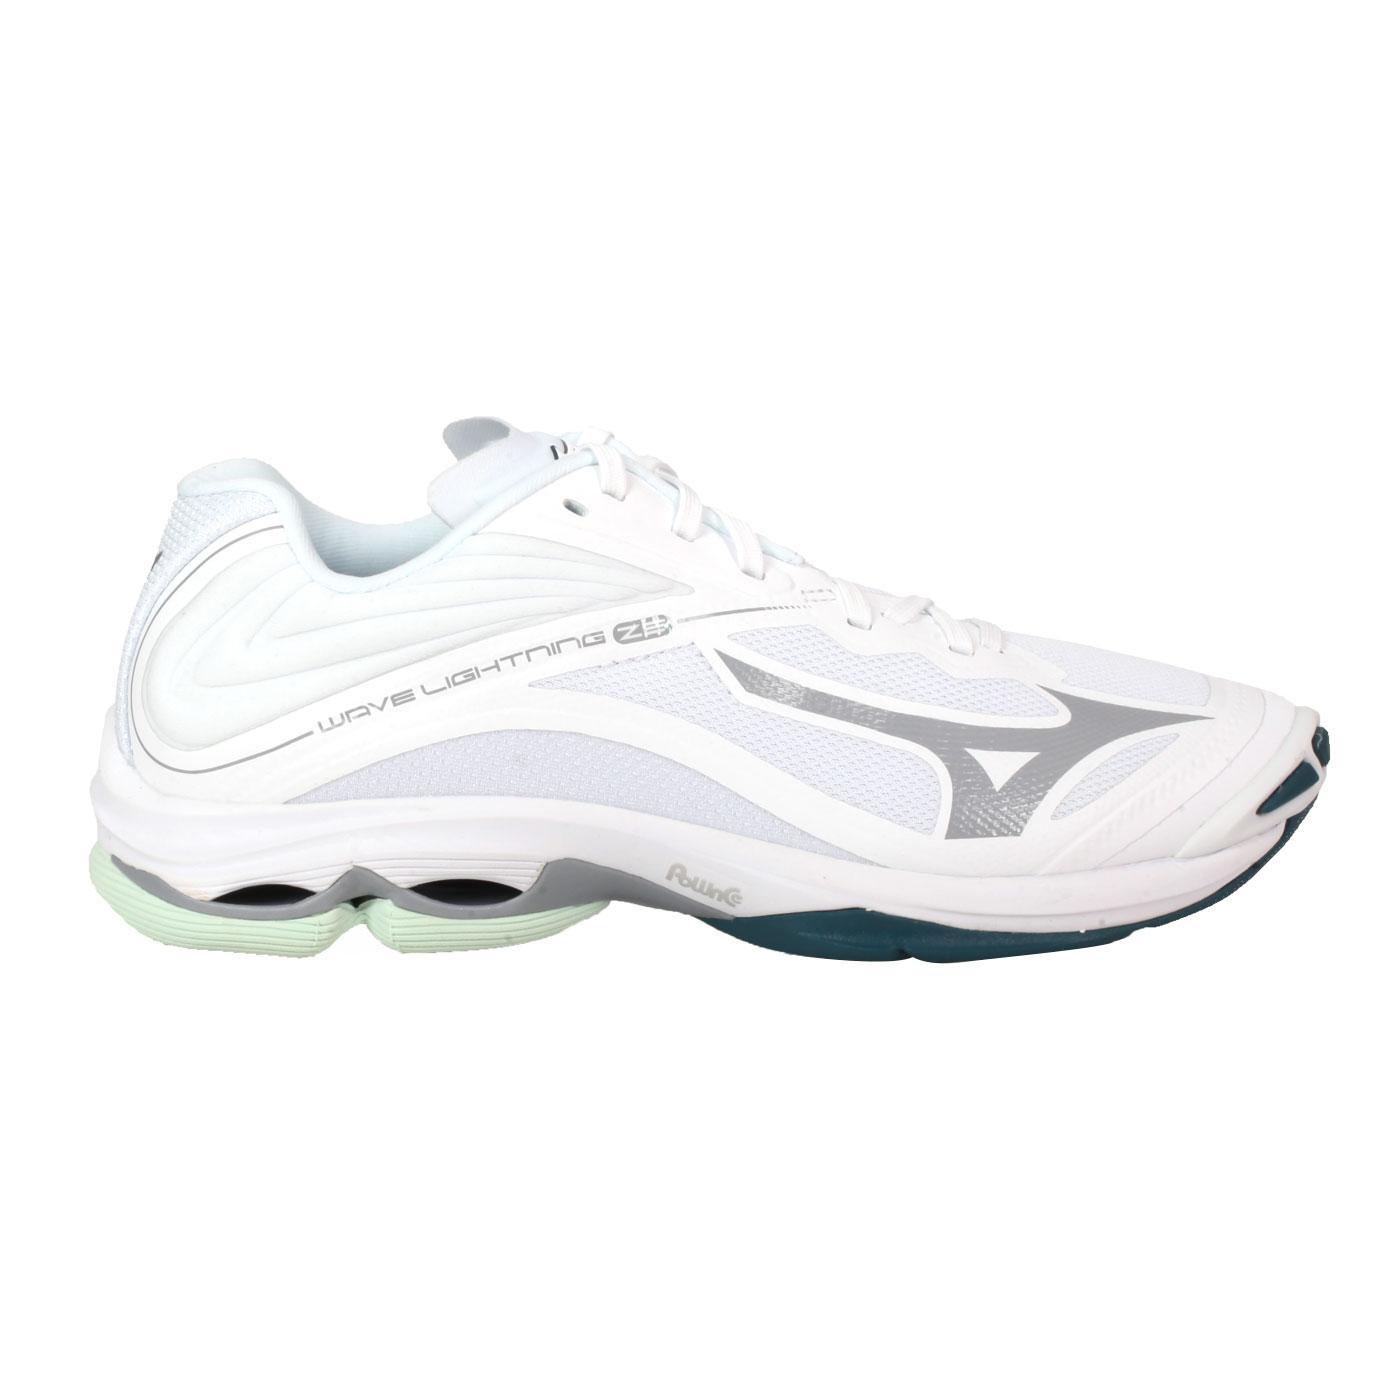 MIZUNO 男款排球鞋  @WAVE LIGHTNING Z6@V1GA200007 - 白藍綠